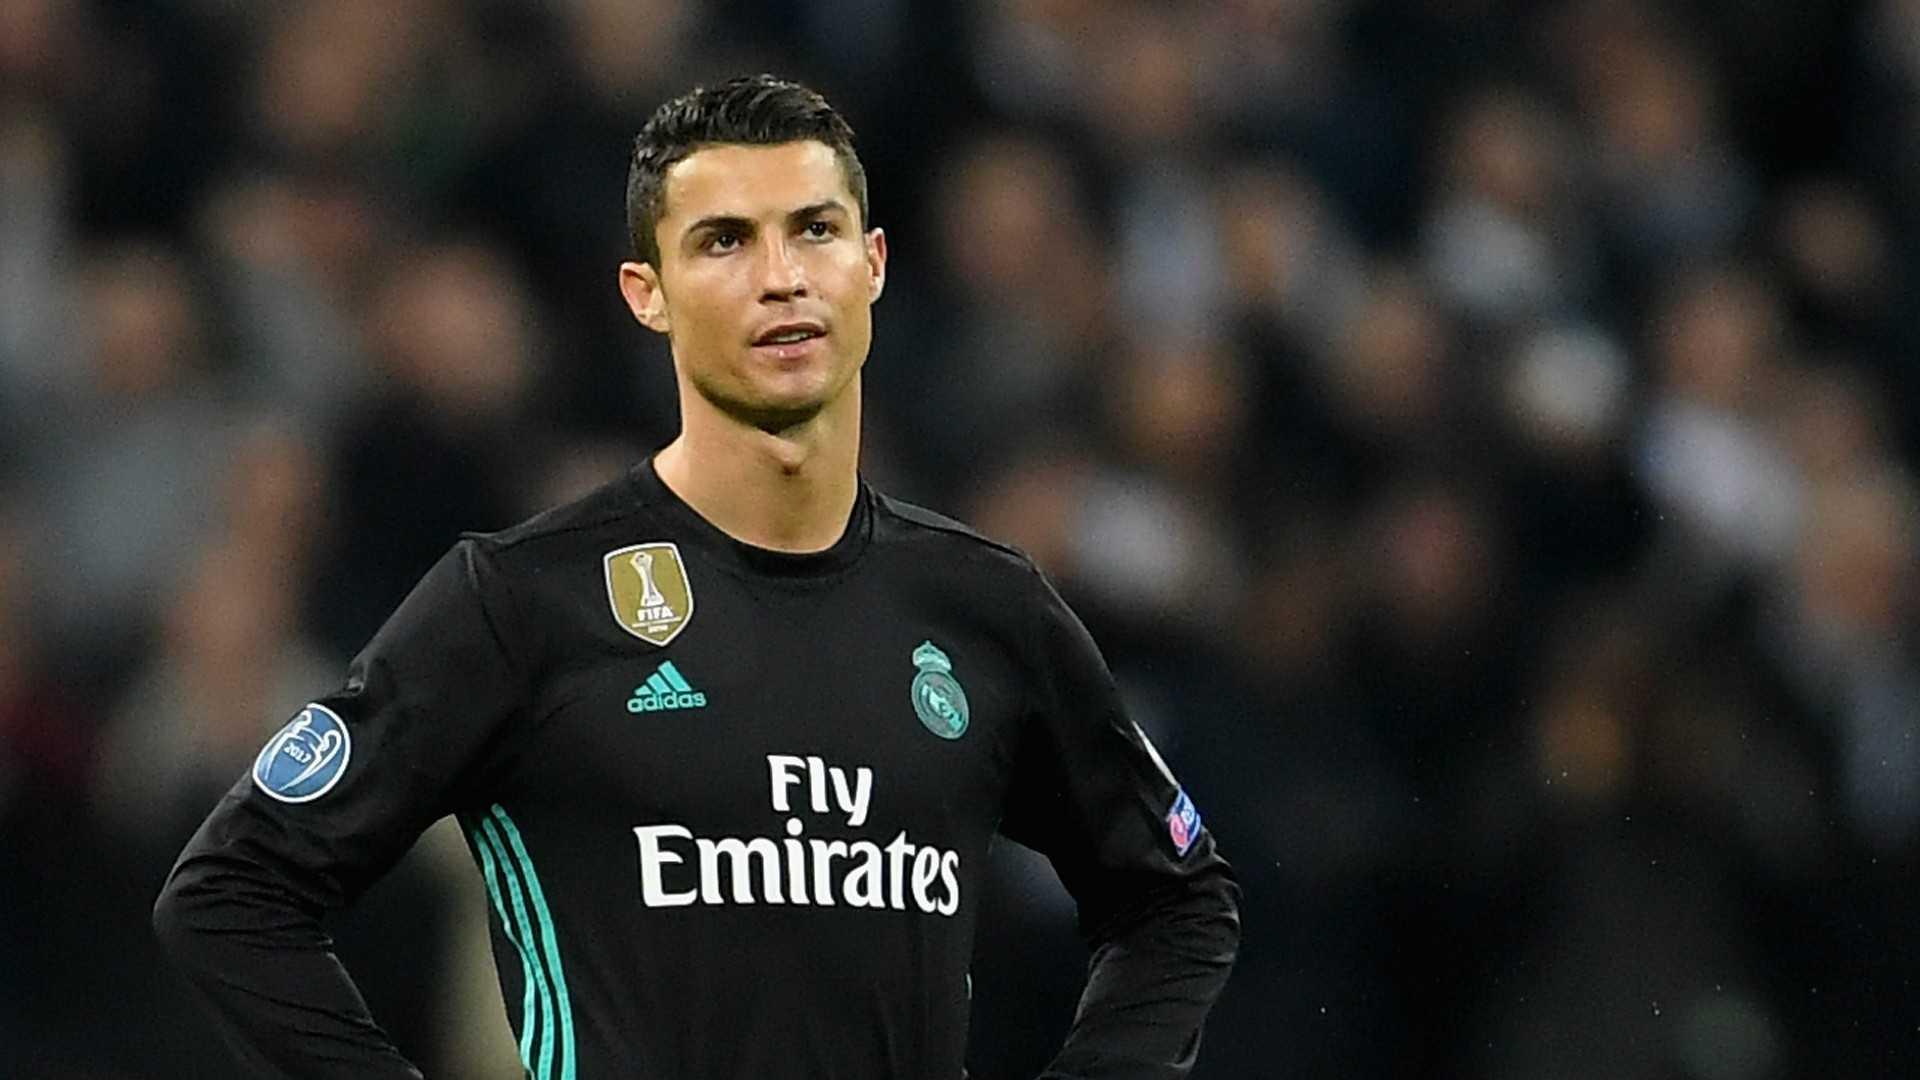 بالصور صوركرستيانو رونالدو 2019 , اجدد الصور لافضل لاعب في العالم رولاندو 4418 4